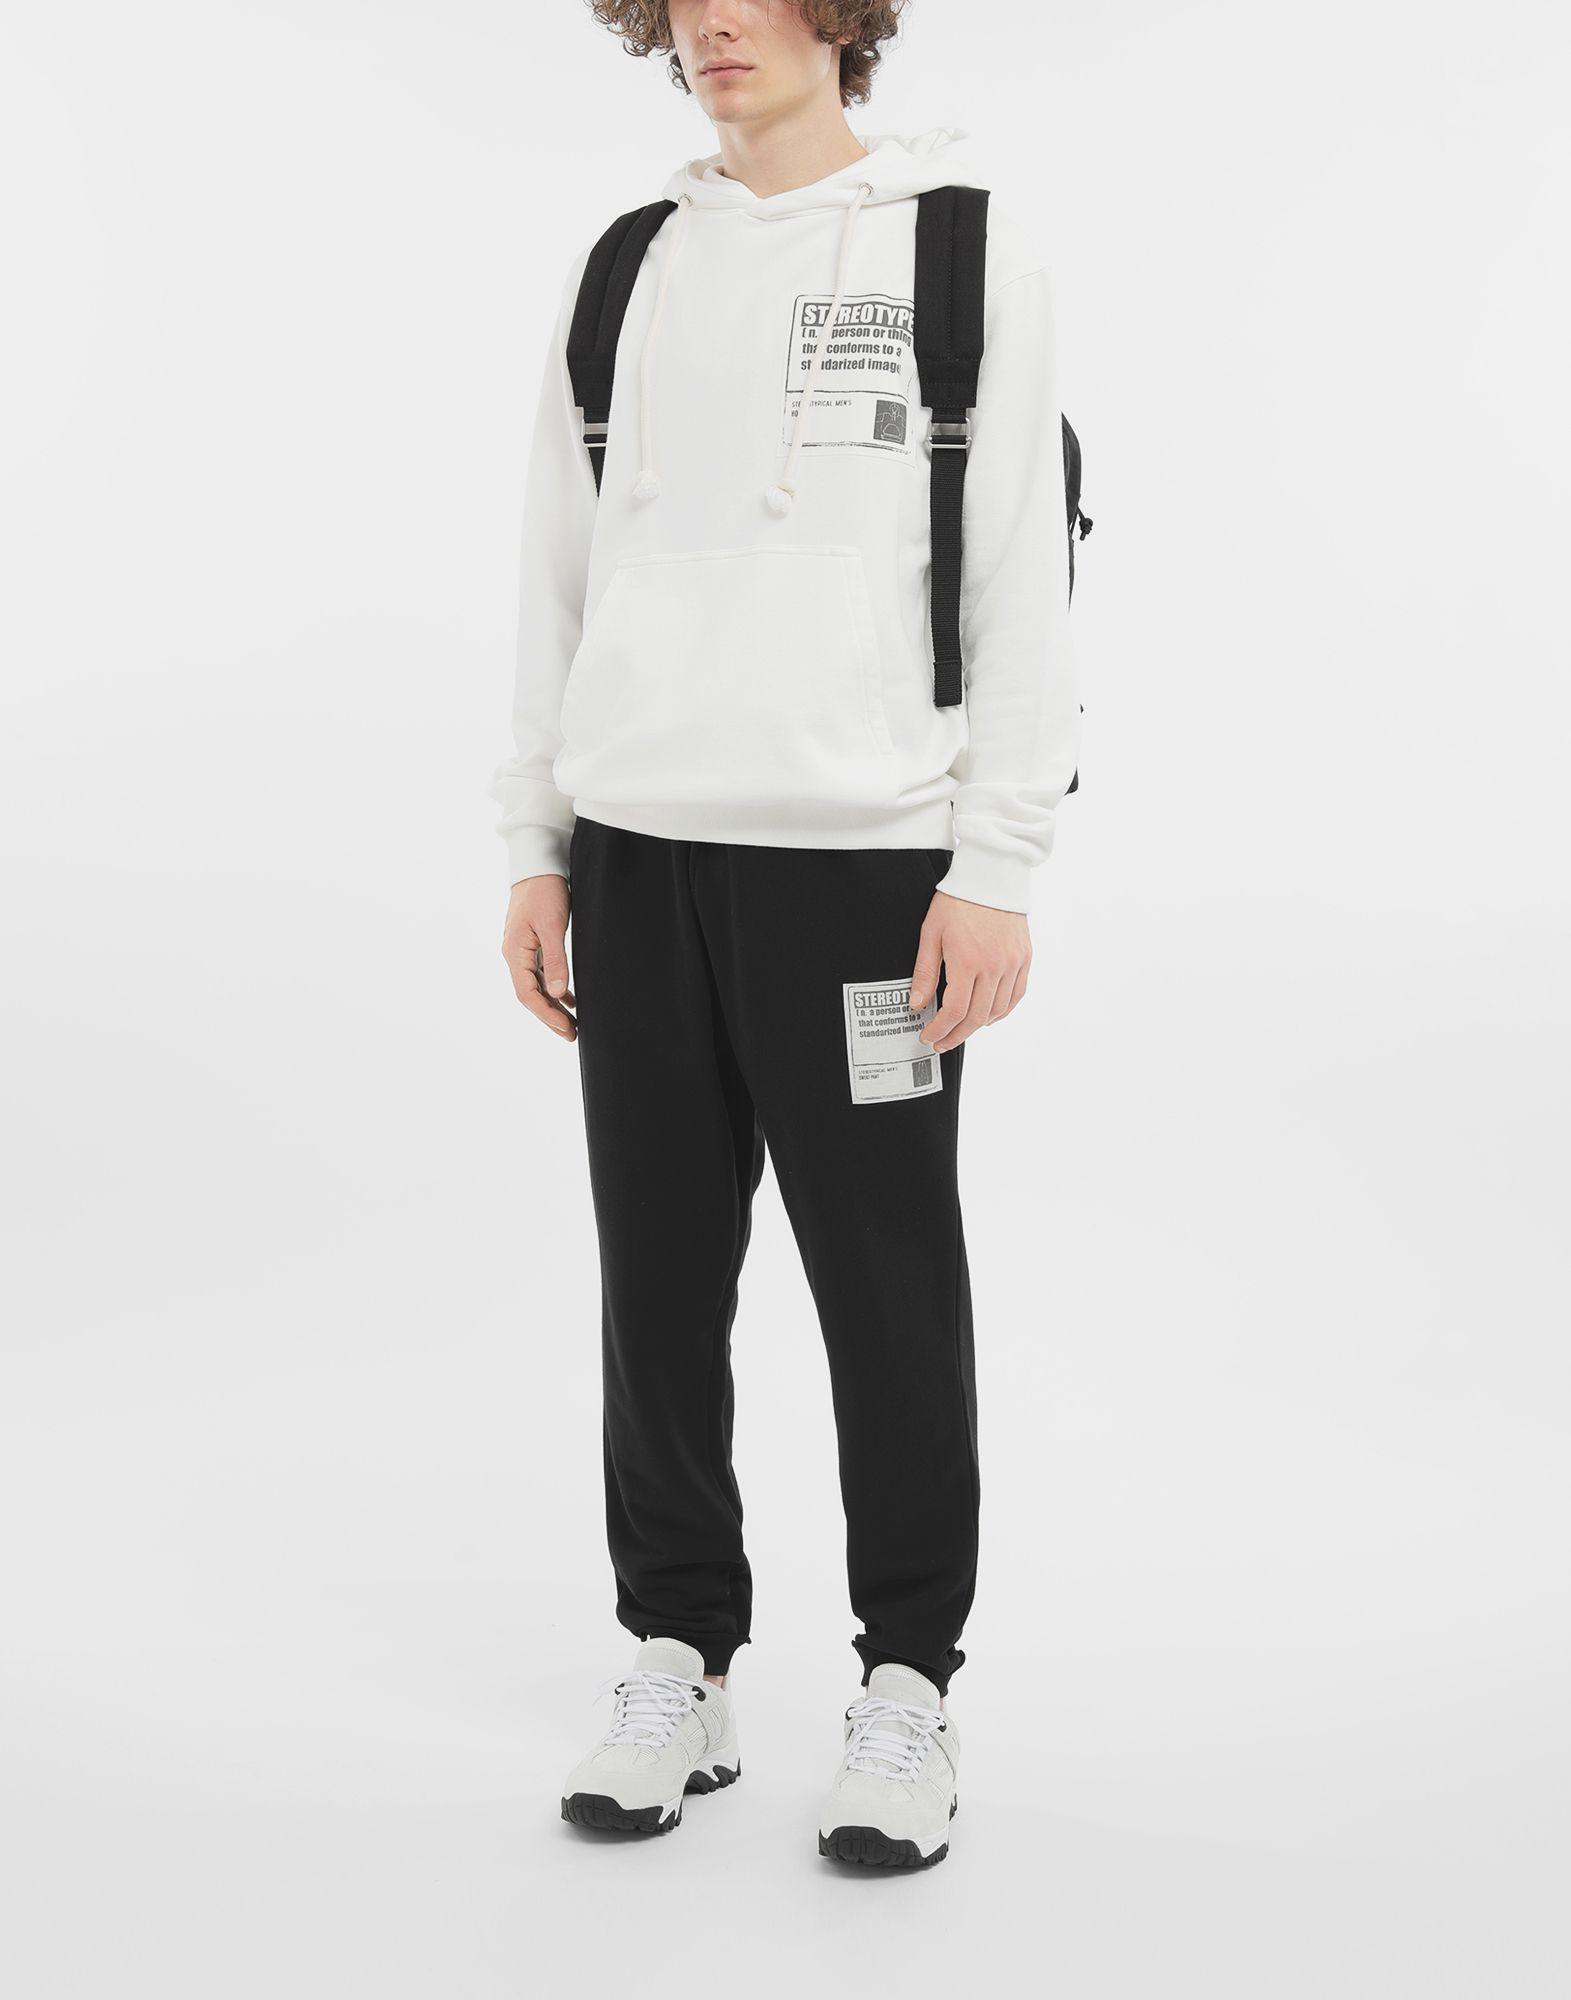 MAISON MARGIELA Sweat-shirt «Stereotype» en coton Sweatshirt Homme d